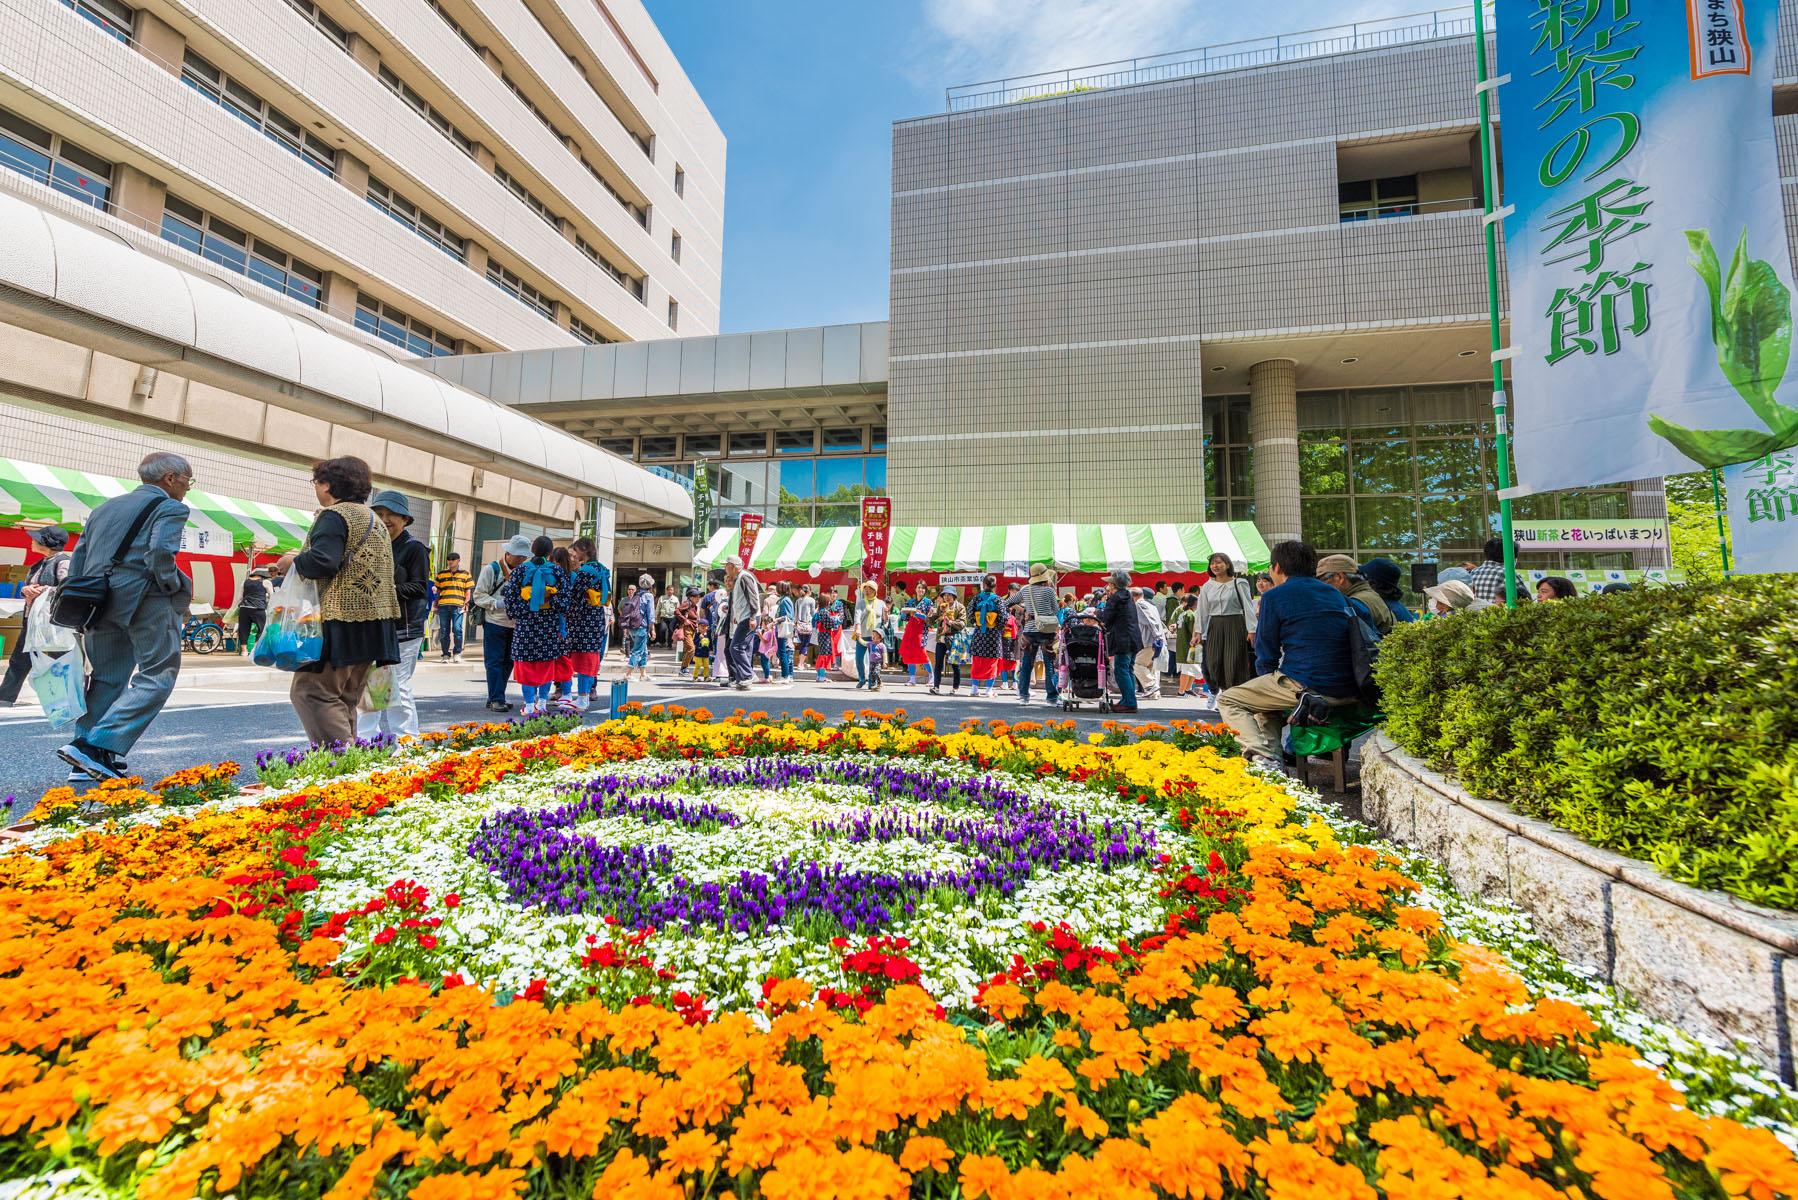 狭山新茶と花いっぱいまつり 狭山市役所庁舎ロータリー